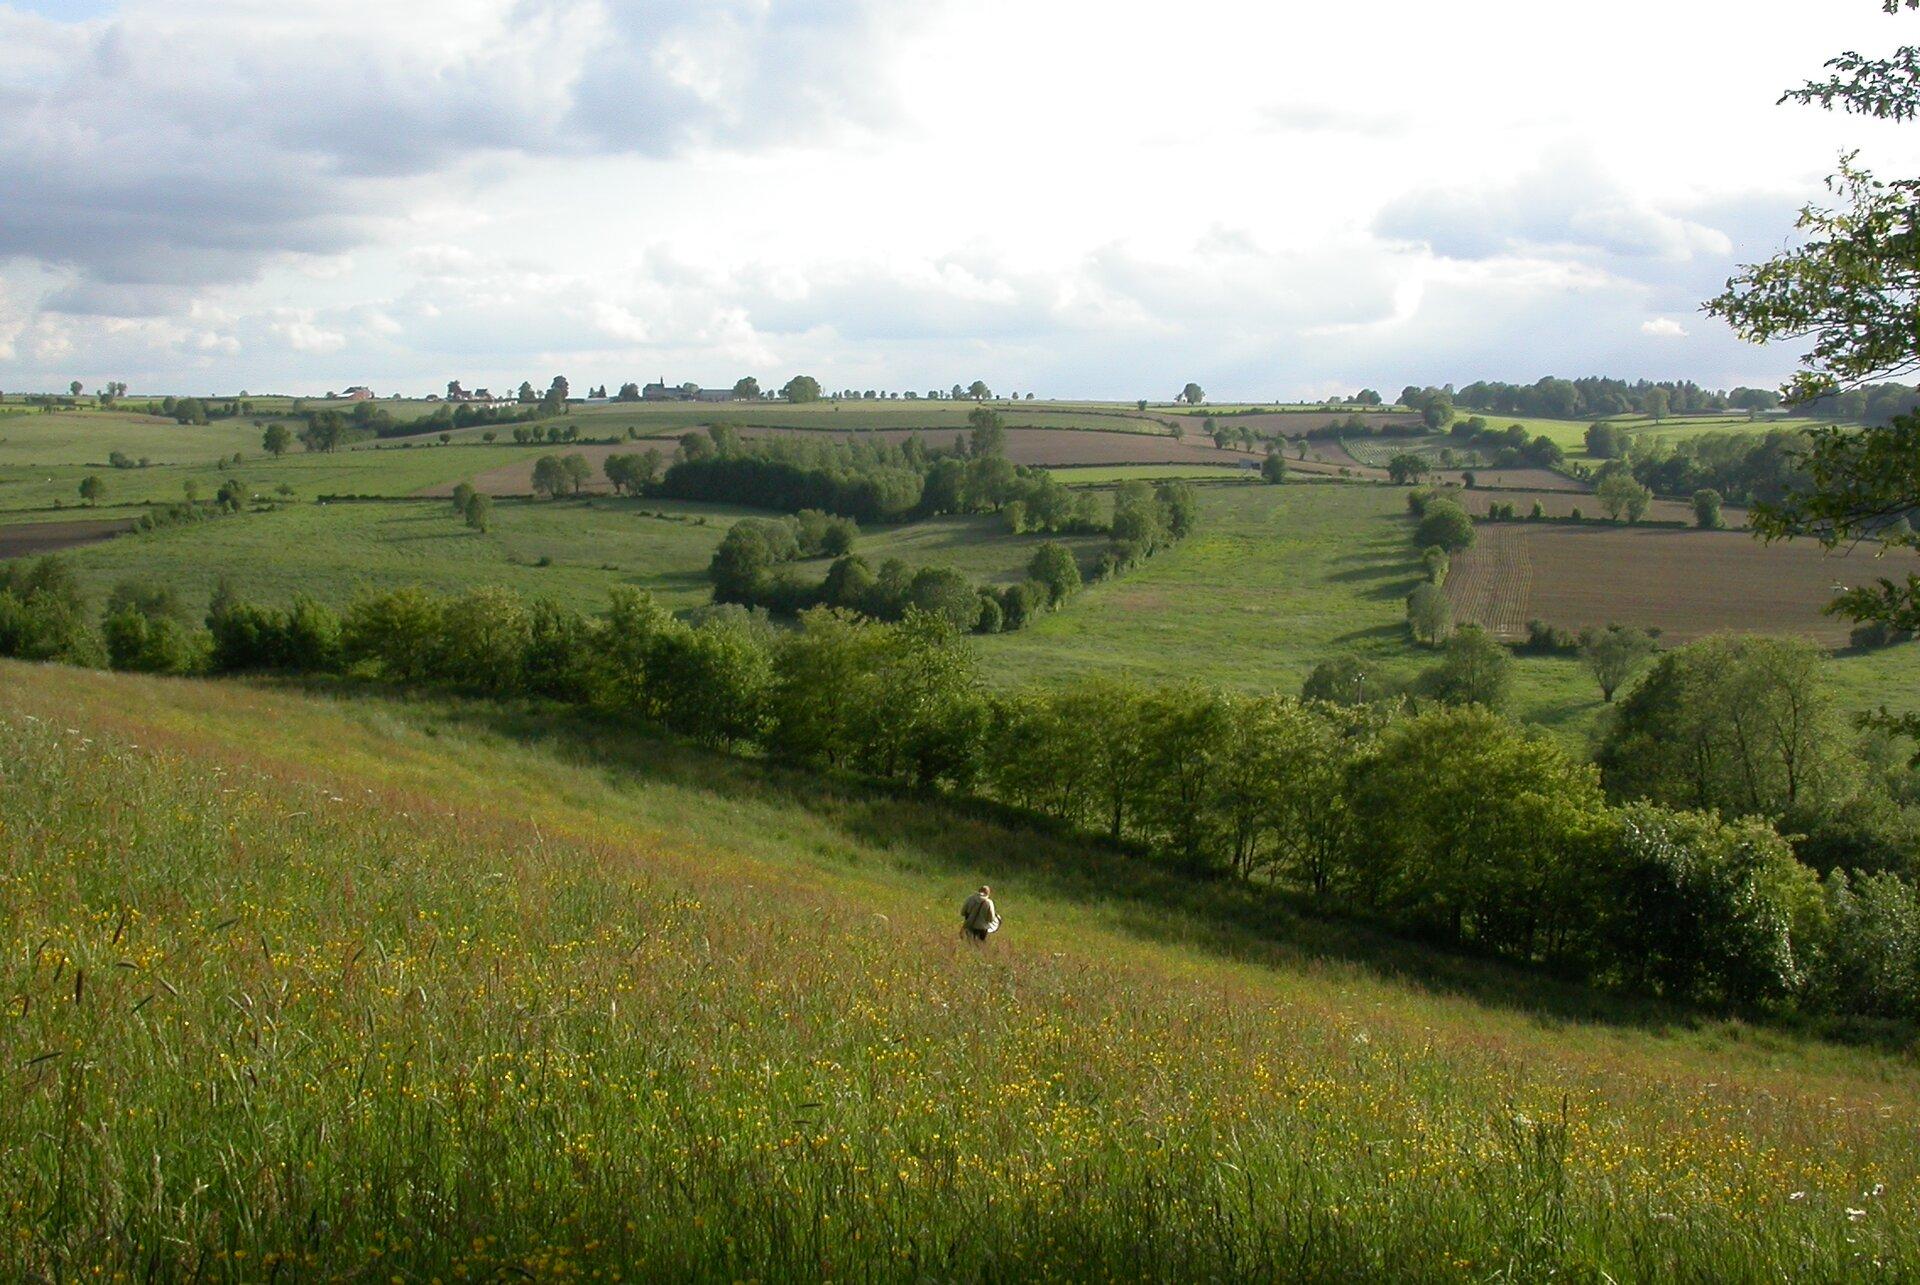 Fotografia przedstawia krajobraz pól uprawnych. Zlewej jest polna droga, wgłębi dwa krzaki idrzewo. Na niektórych polach rośnie zielona kukurydza. Wcentrum stoi czerwony ciągnik zpługiem. Pole zprawej udołu jest już zaorane. Chodzą po nim trzy biało-czarne bociany.